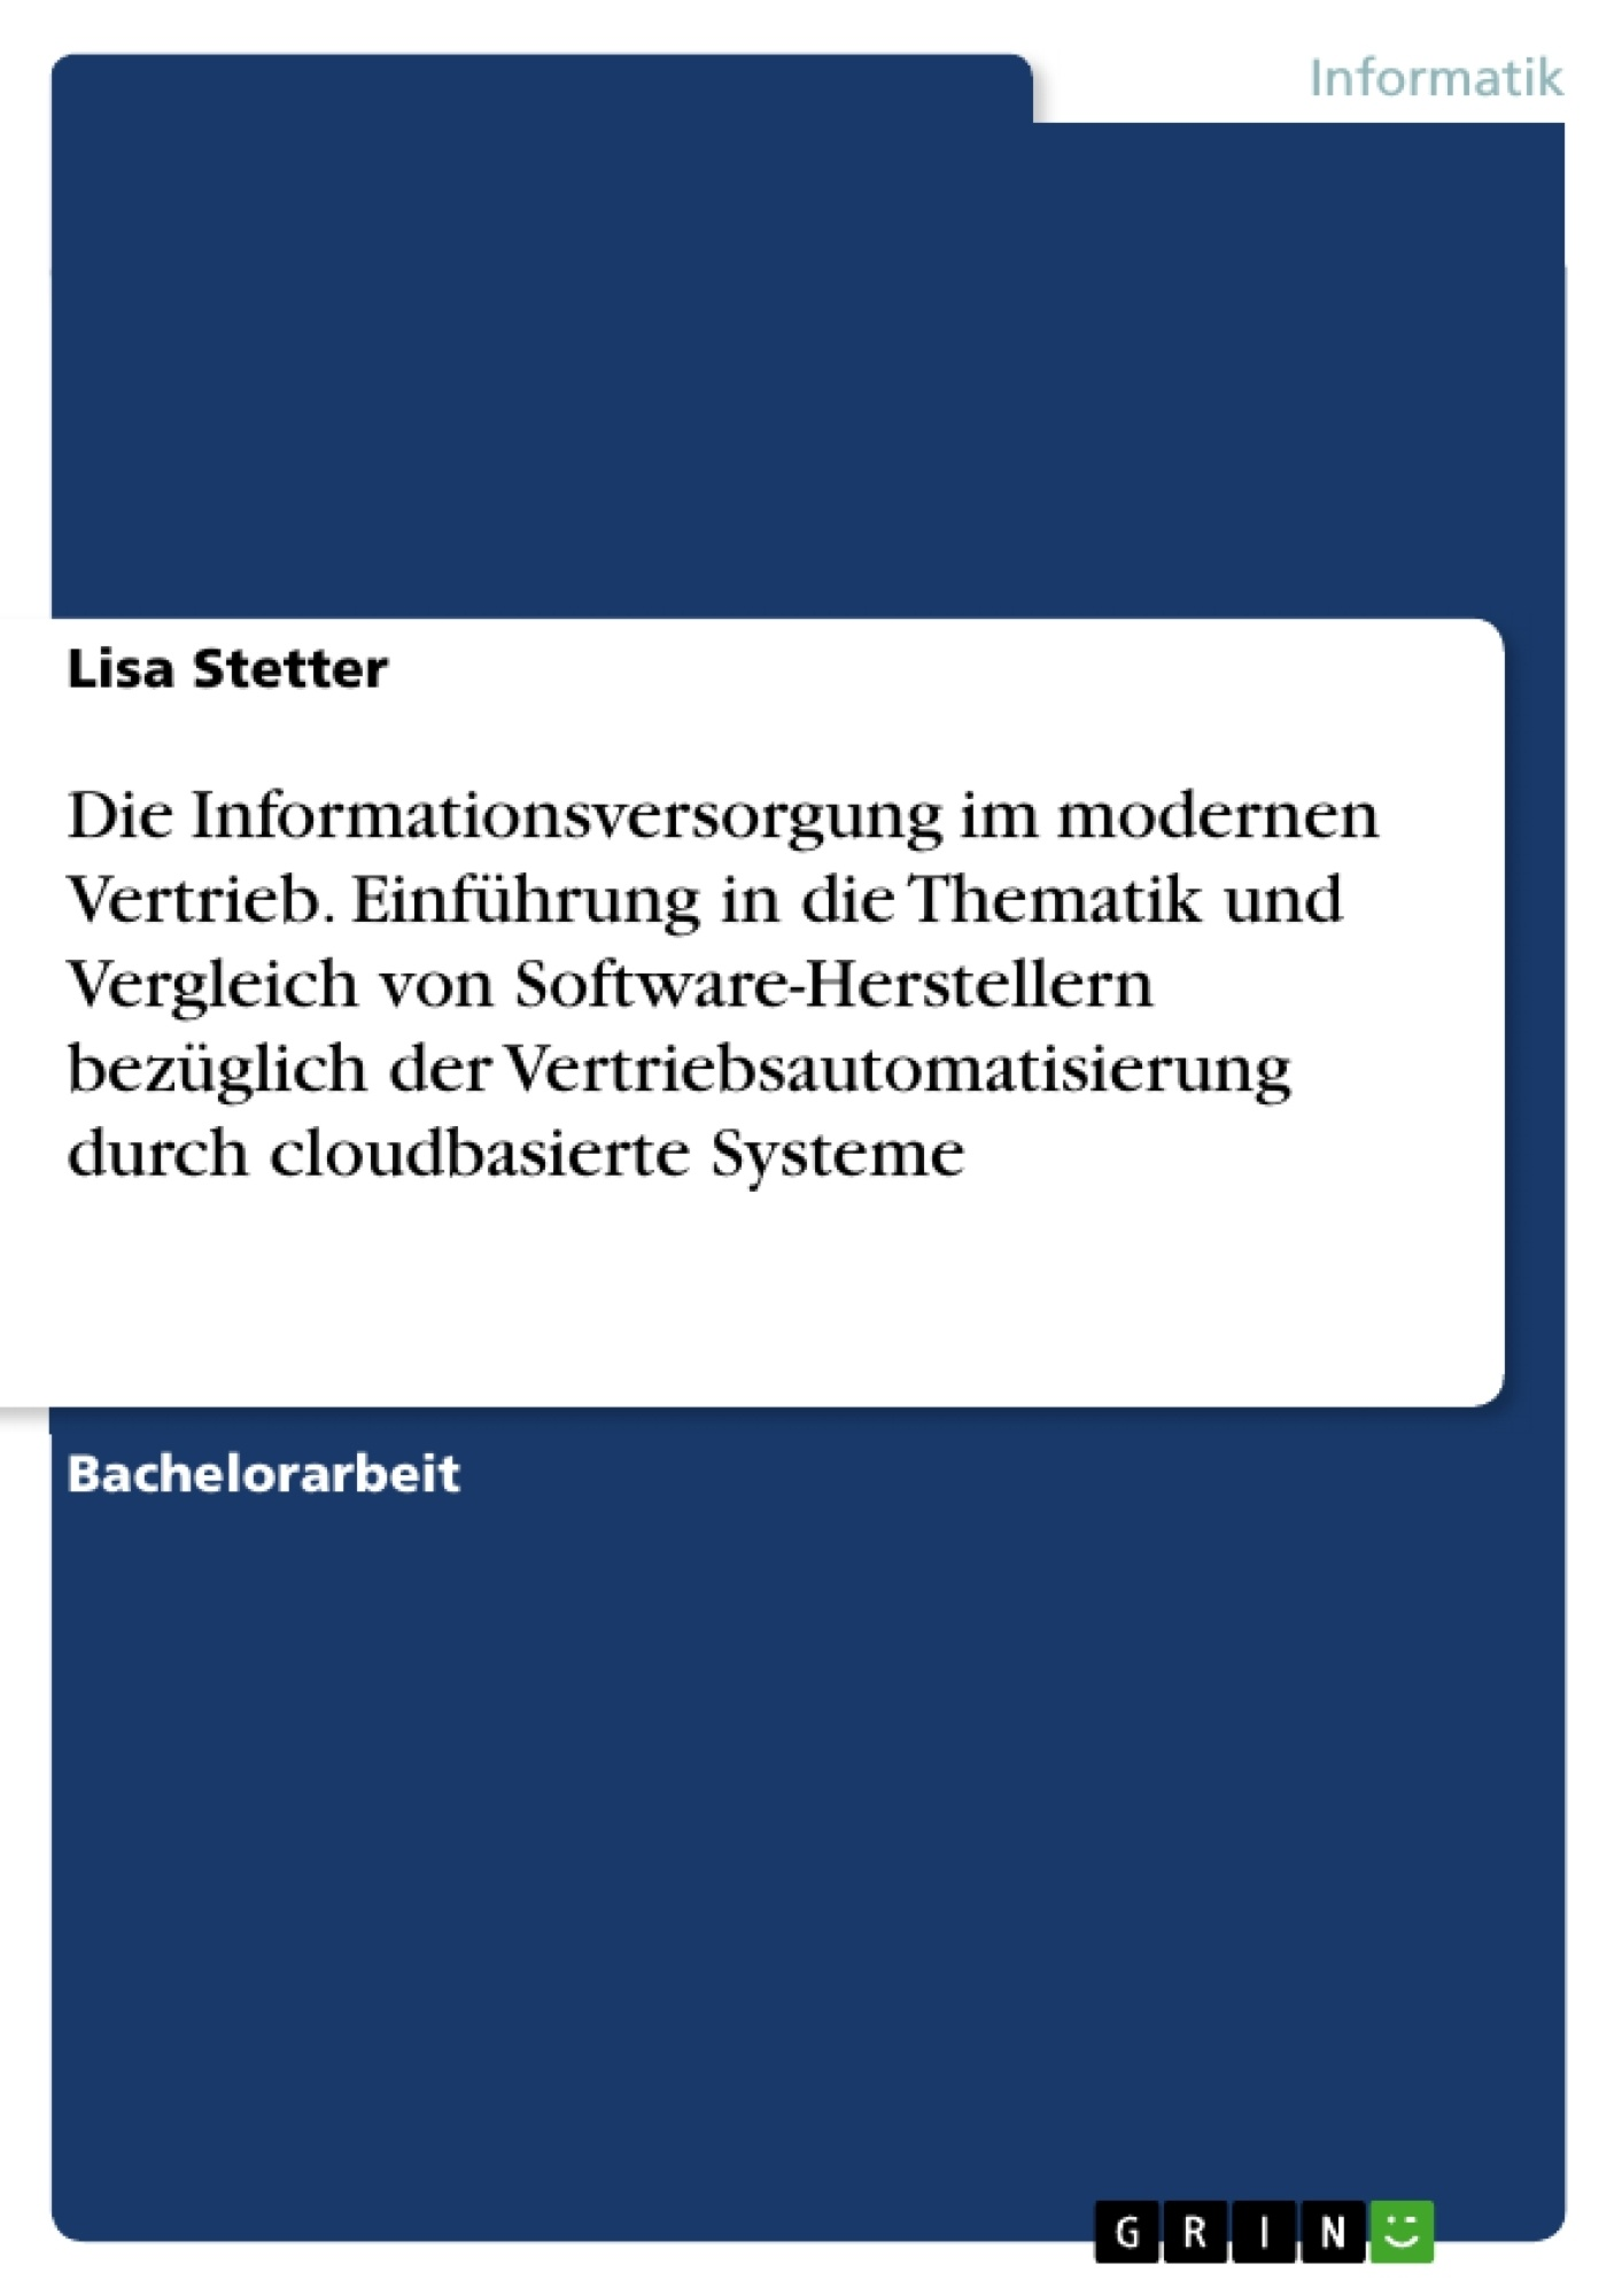 Titel: Die Informationsversorgung im modernen Vertrieb. Einführung in die Thematik und Vergleich von Software-Herstellern bezüglich der Vertriebsautomatisierung durch cloudbasierte Systeme